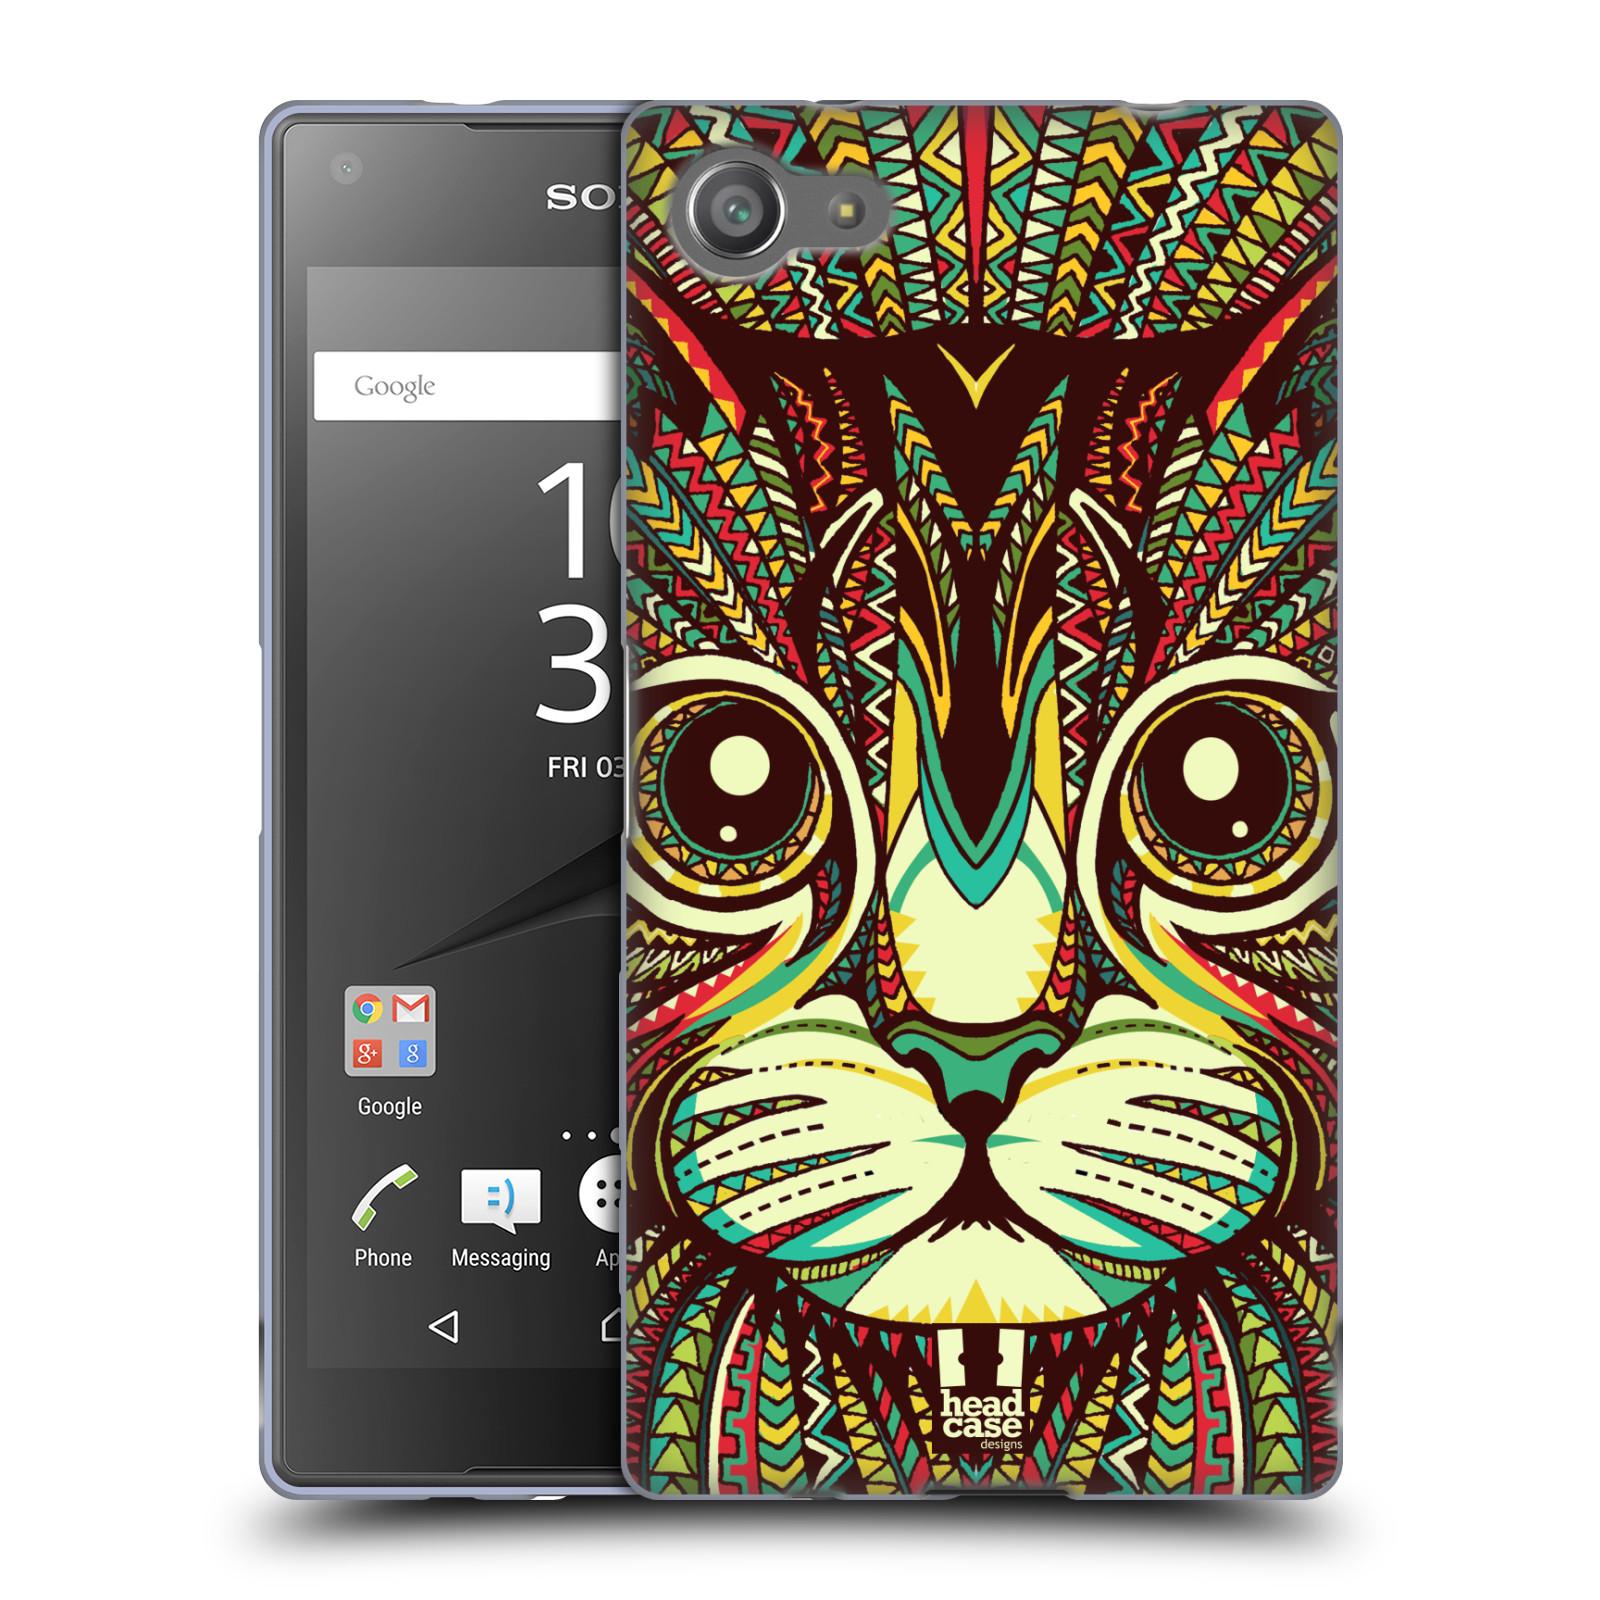 Silikonové pouzdro na mobil Sony Xperia Z5 Compact HEAD CASE AZTEC KOČKA